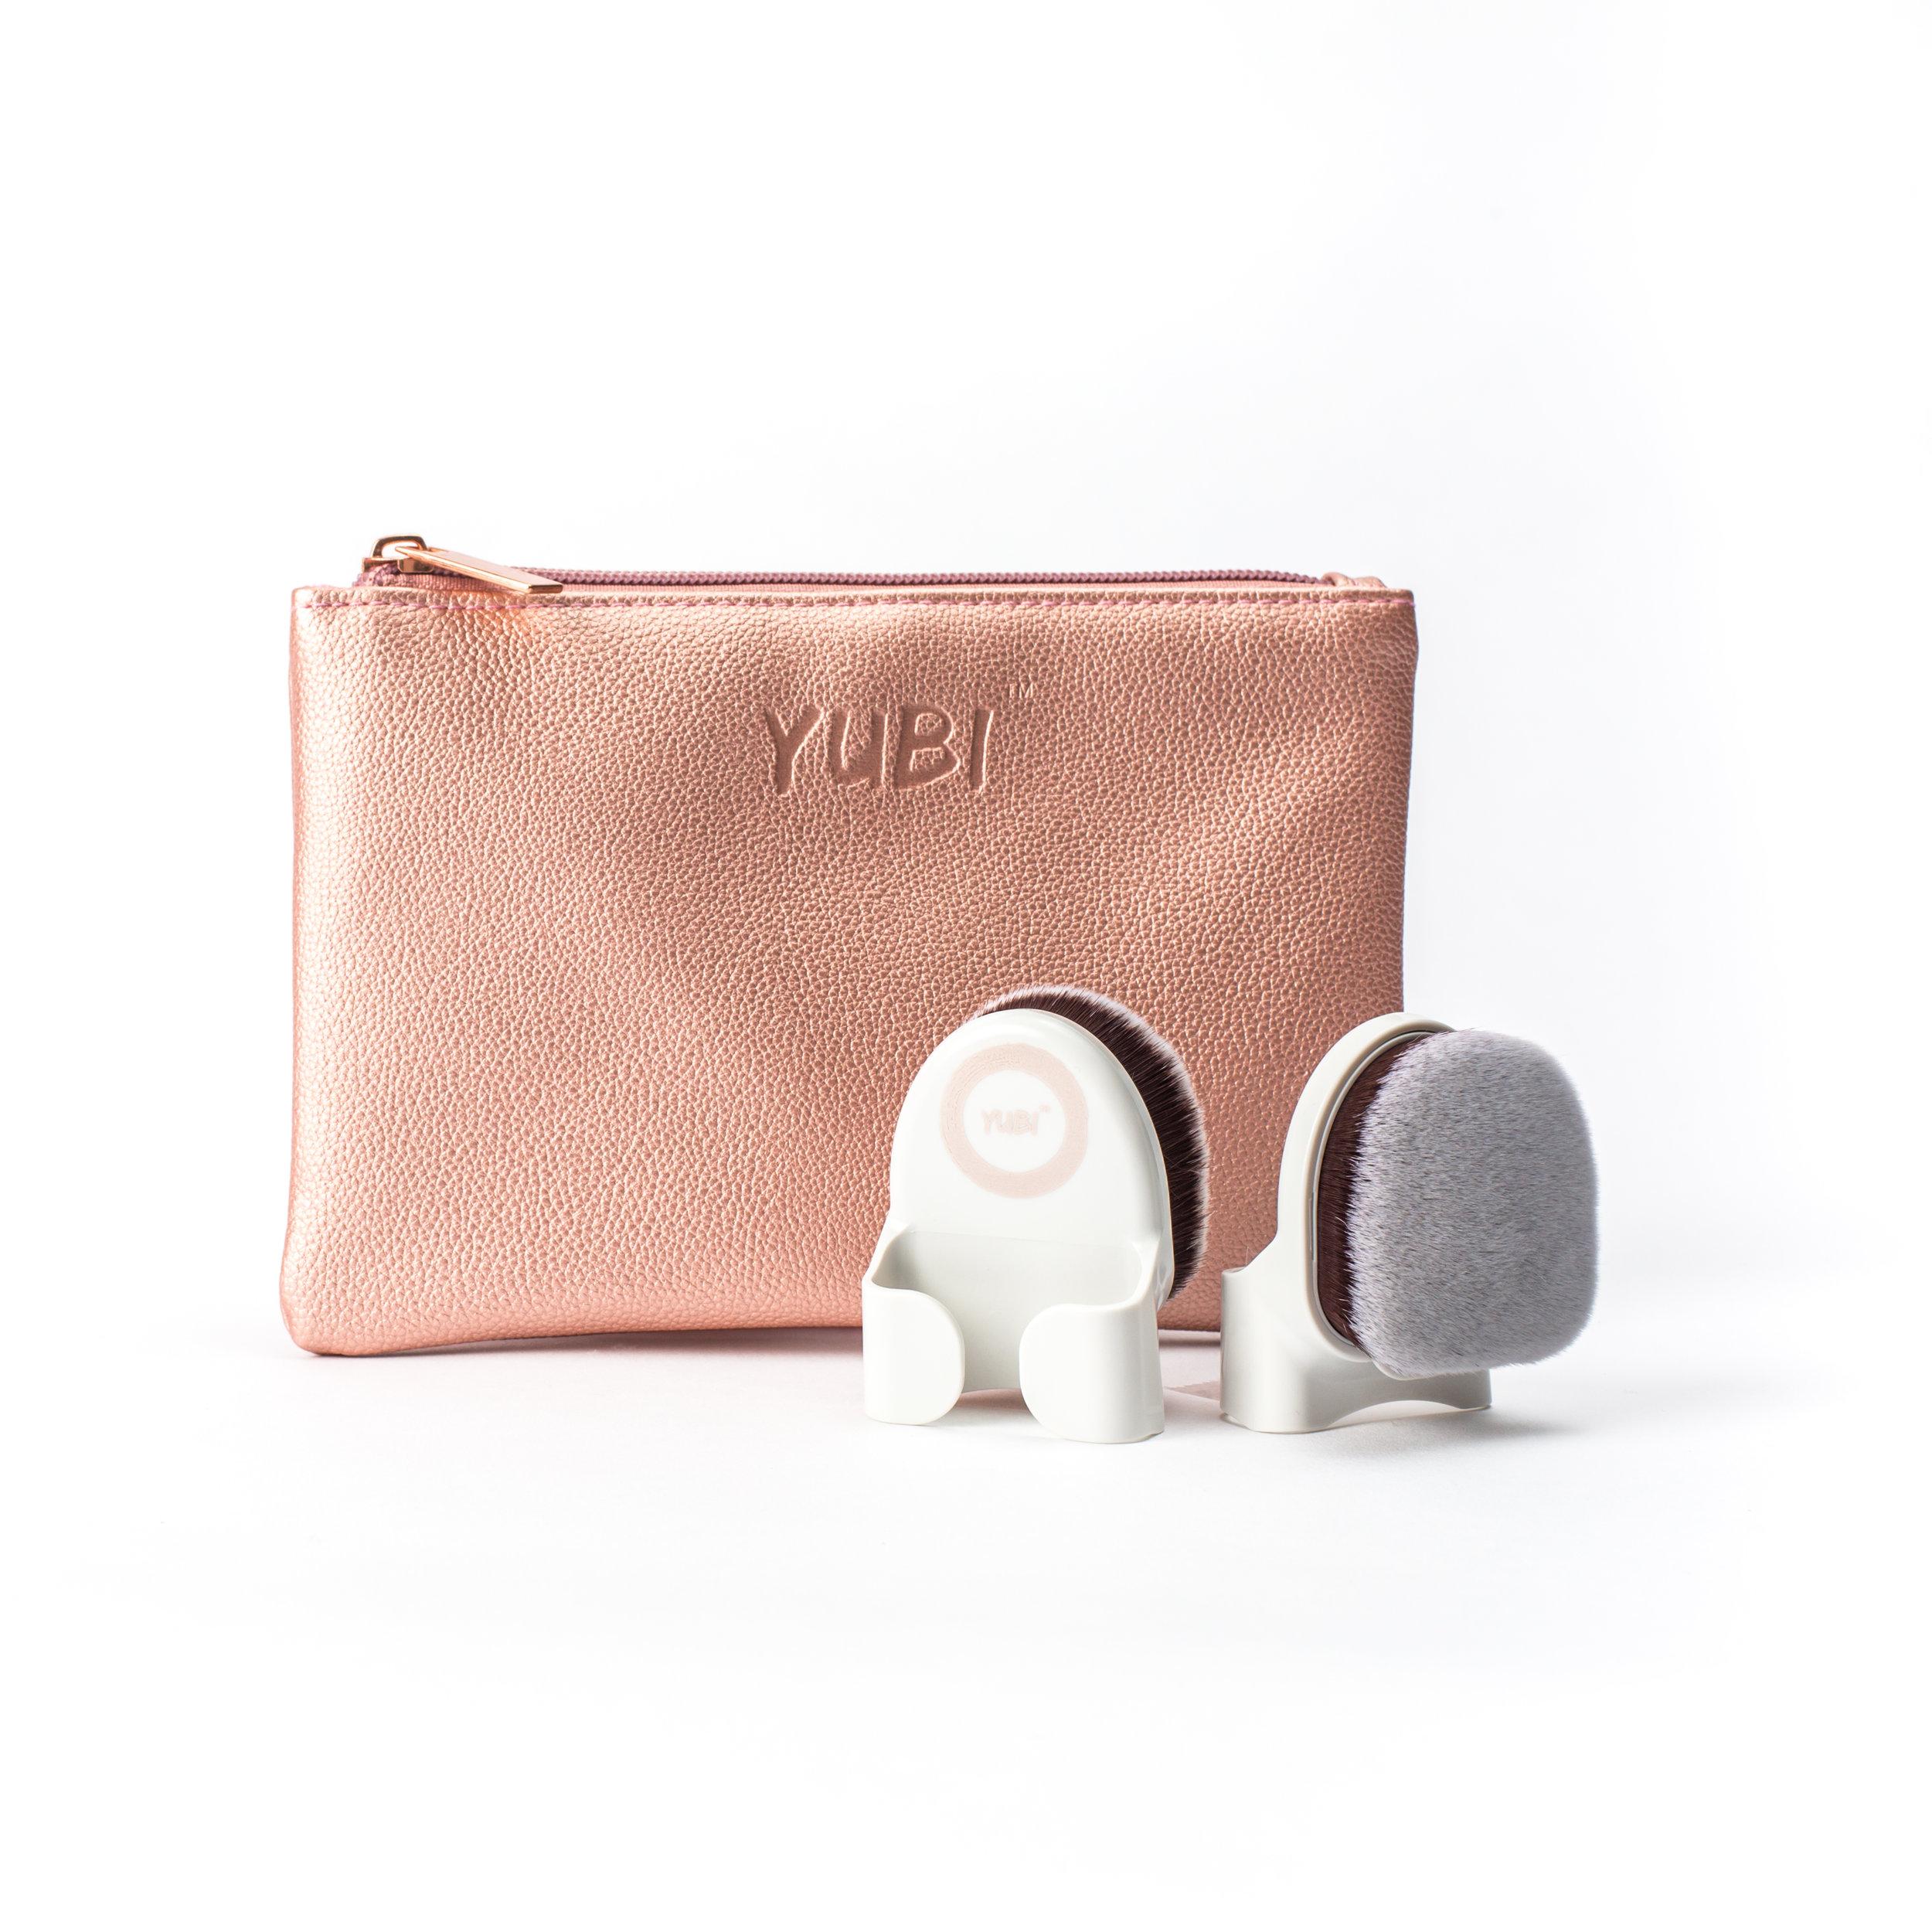 Love Yubi-034 (1).jpg